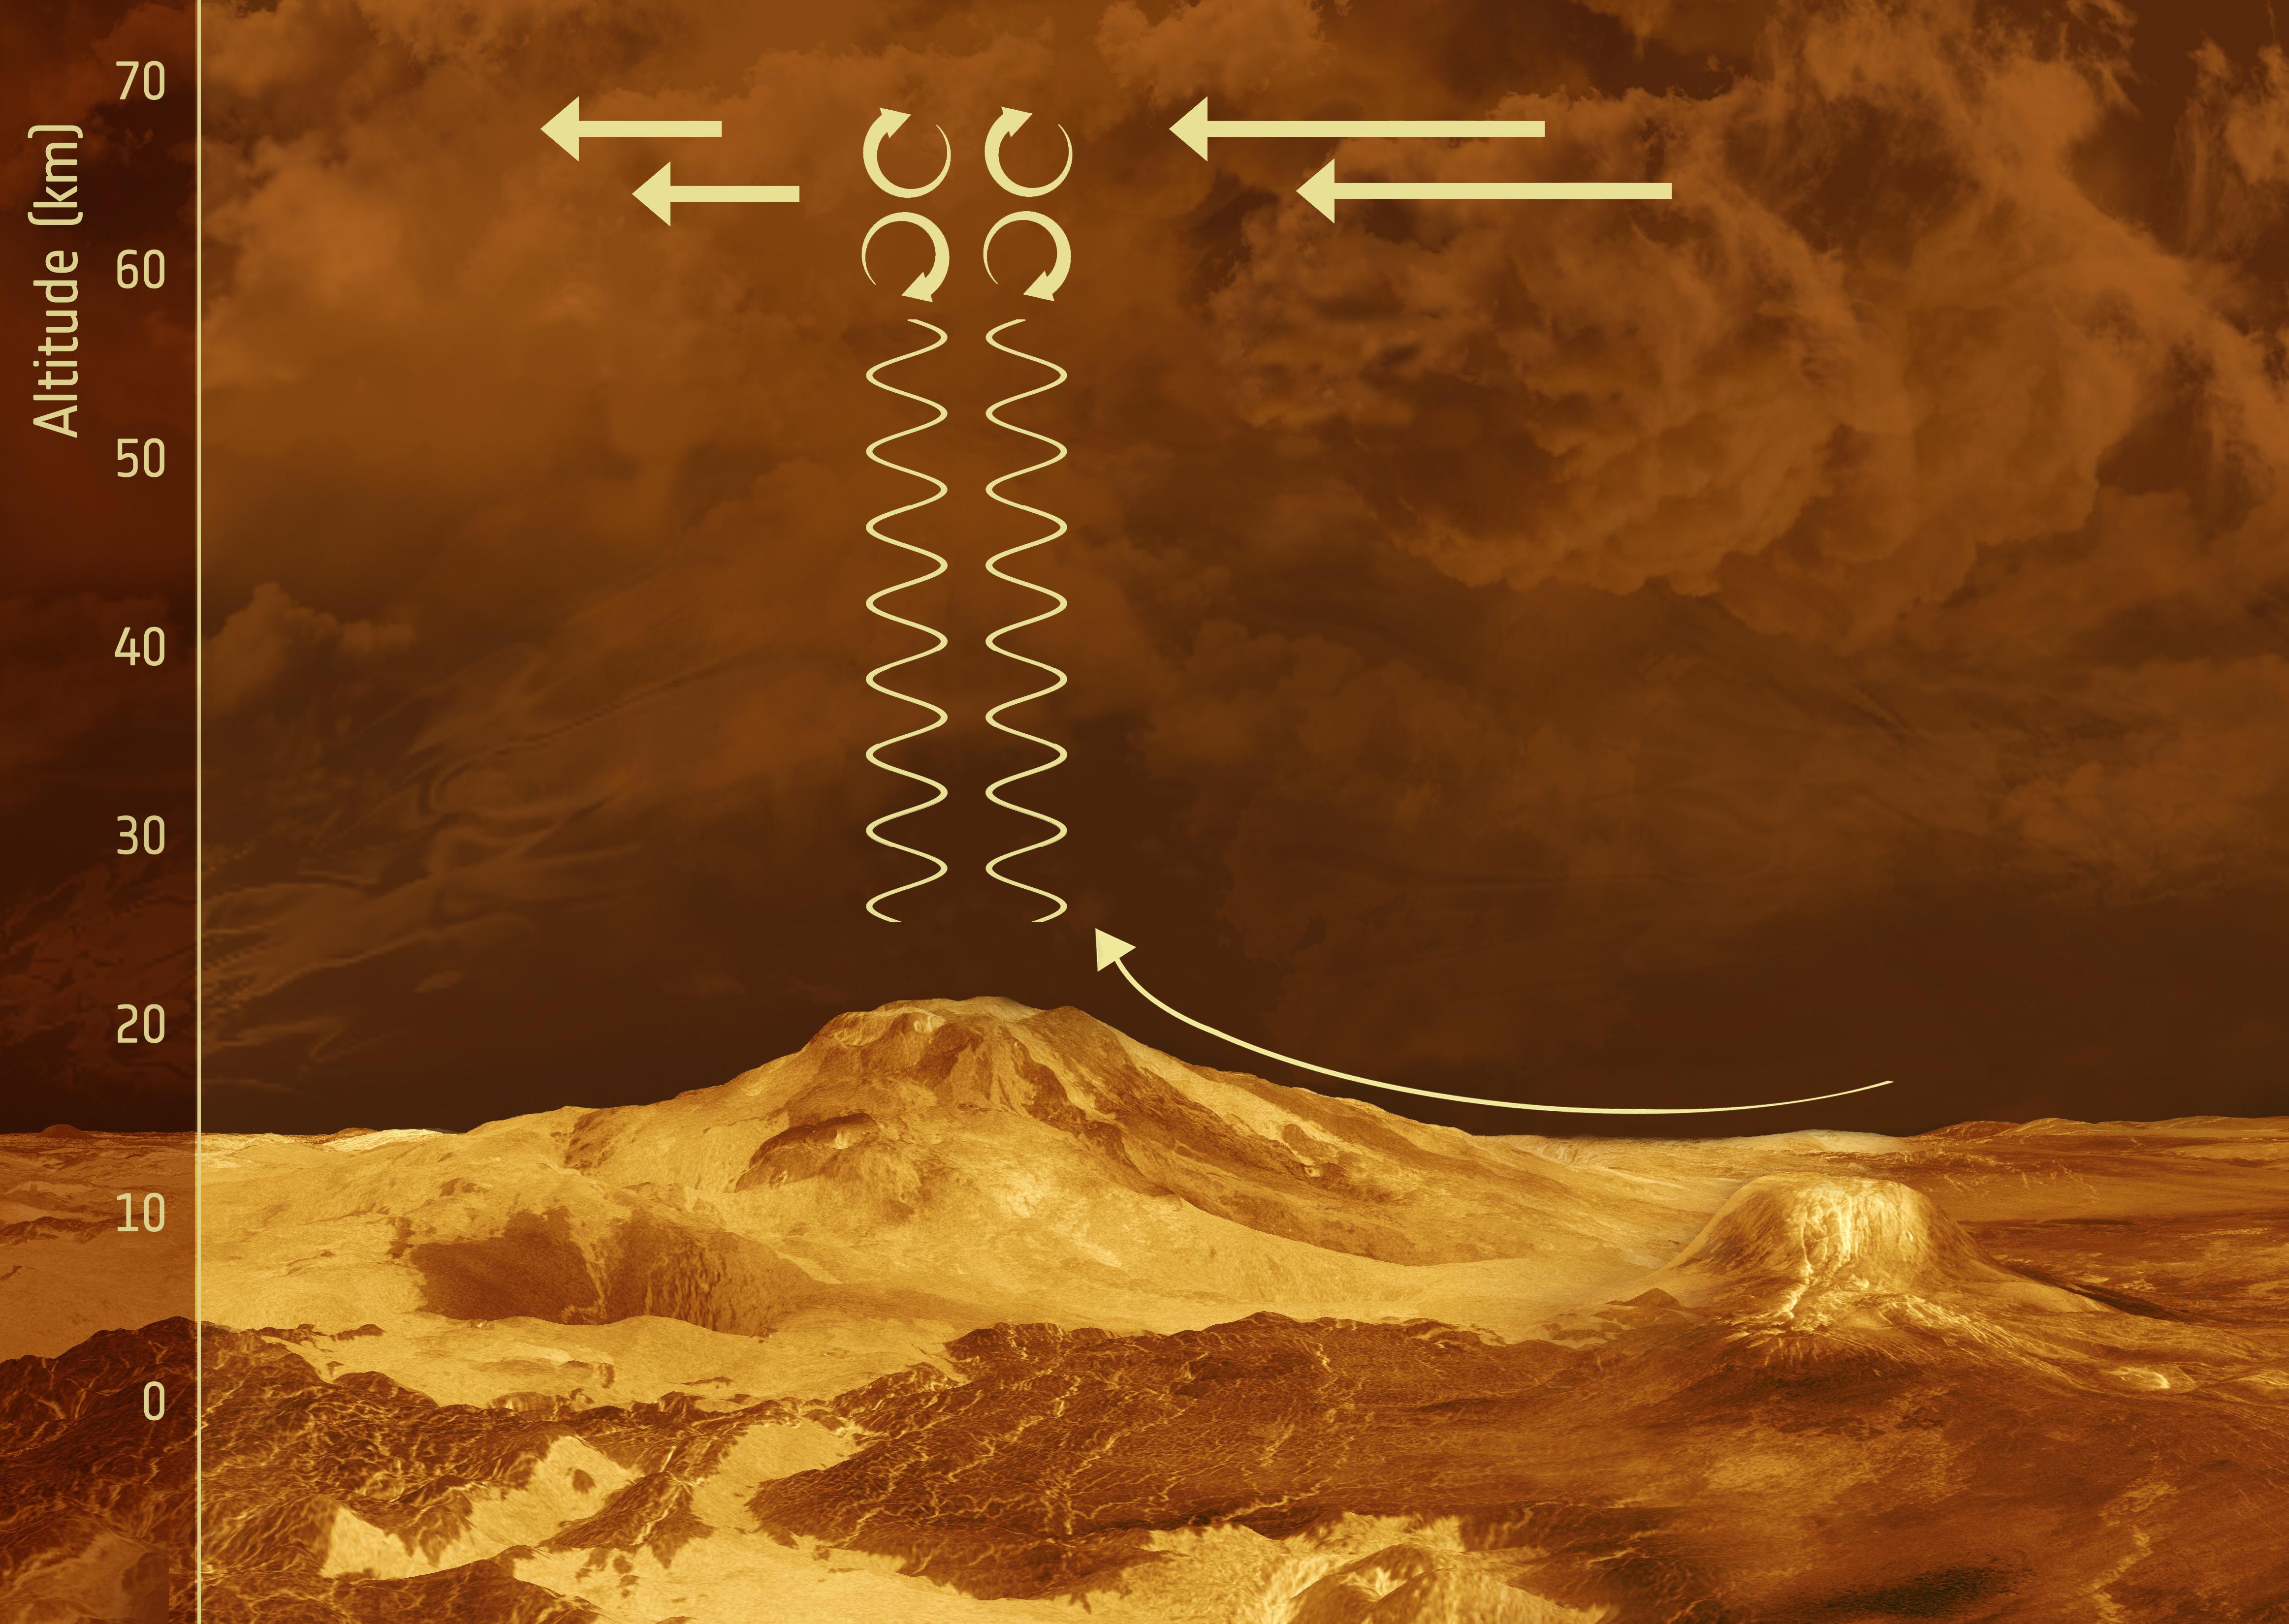 1567215495427-Venus_Express_gravity_waves_on_Venus.jpg